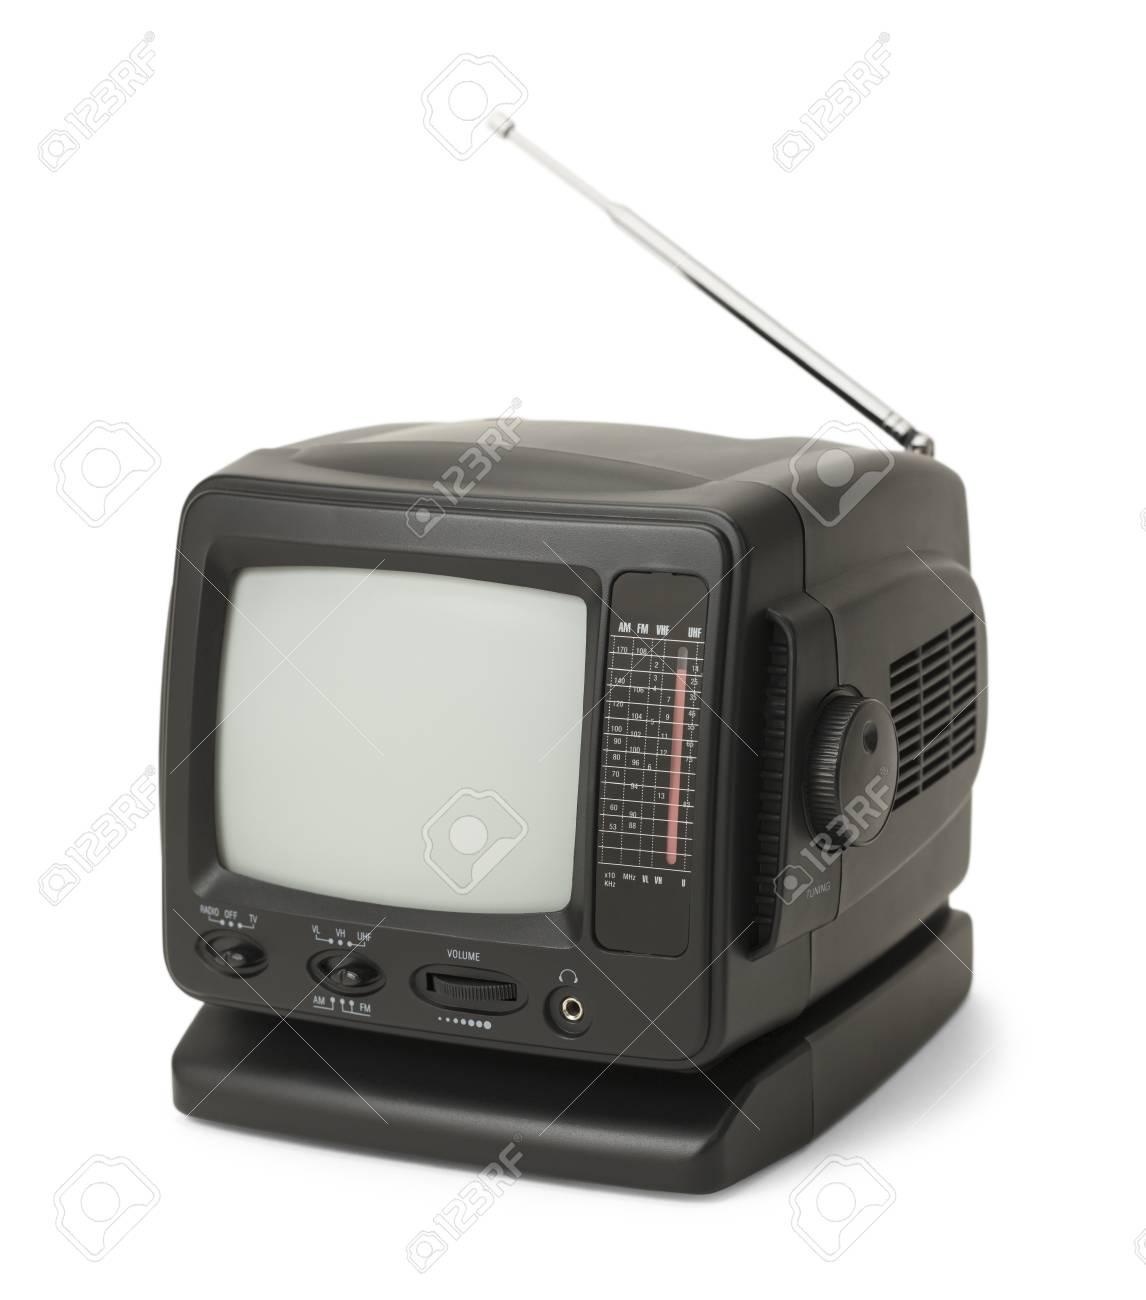 petite television noire avec antenne isolee sur fond blanc banque d images et photos libres de droits image 68671912